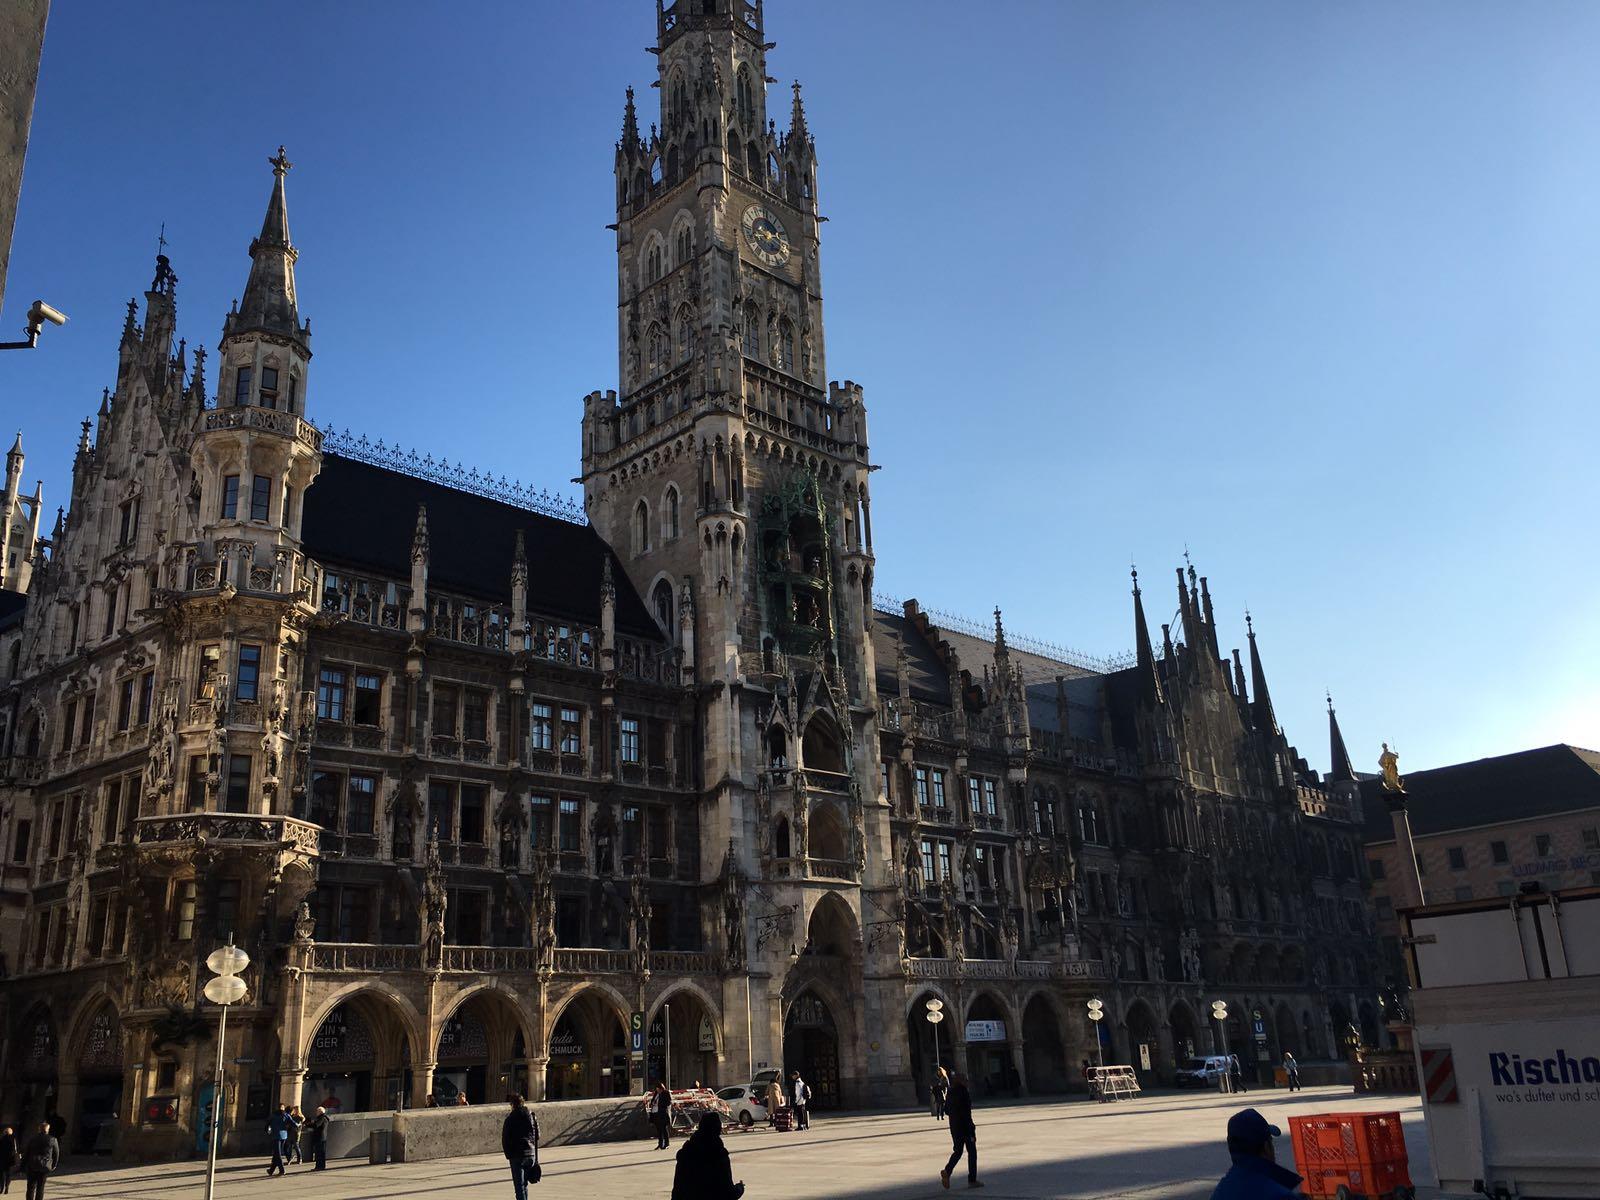 Kurztrip nach München, Visit Munich and enjoy Marienplatz